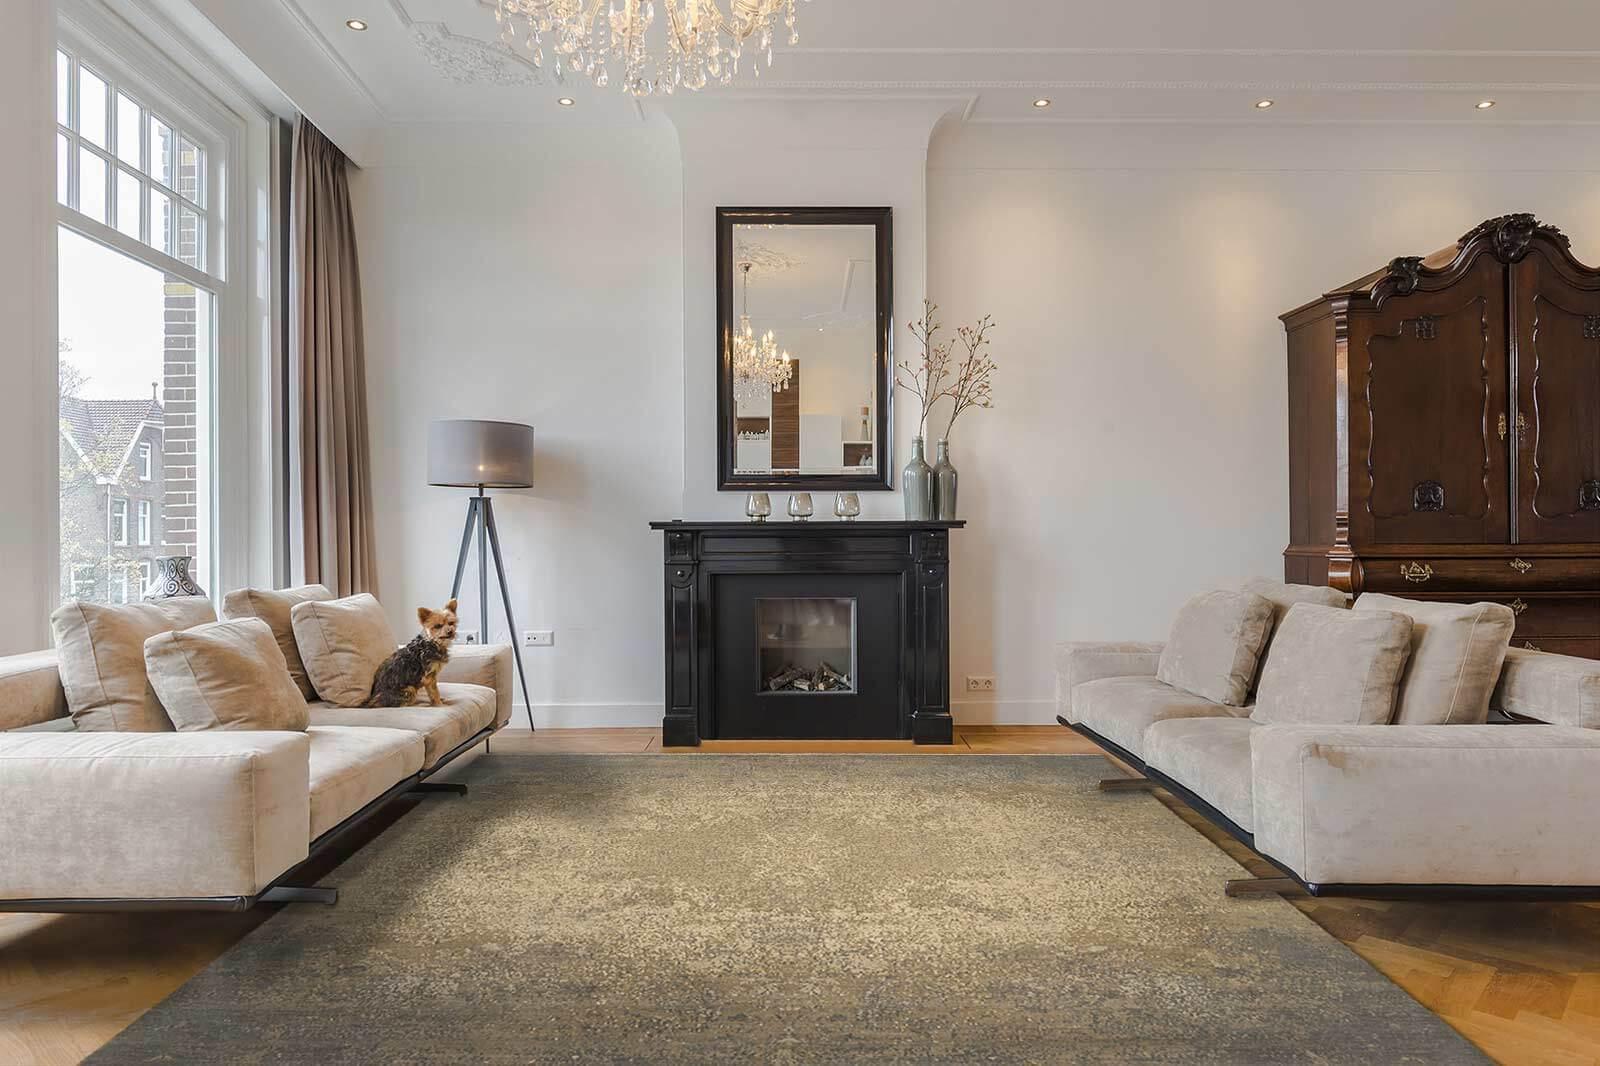 avant-garde-texture-exclusieve-design-tapijten-grijs-beige-interieur